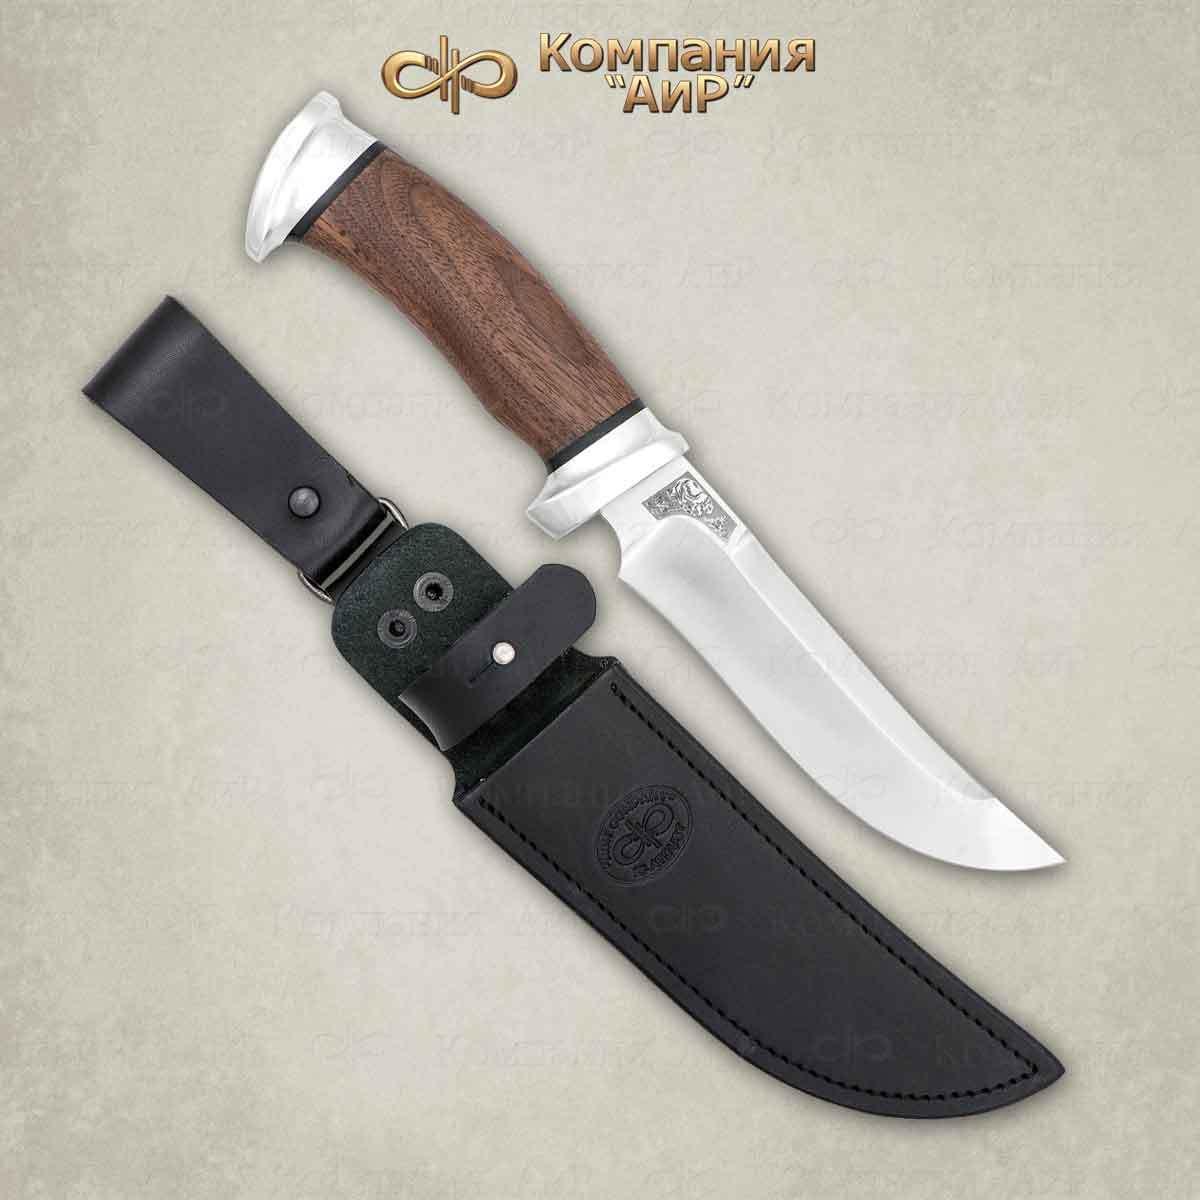 Нож разделочный АиР Росомаха, сталь 110х18 М-ШД, рукоять дерево